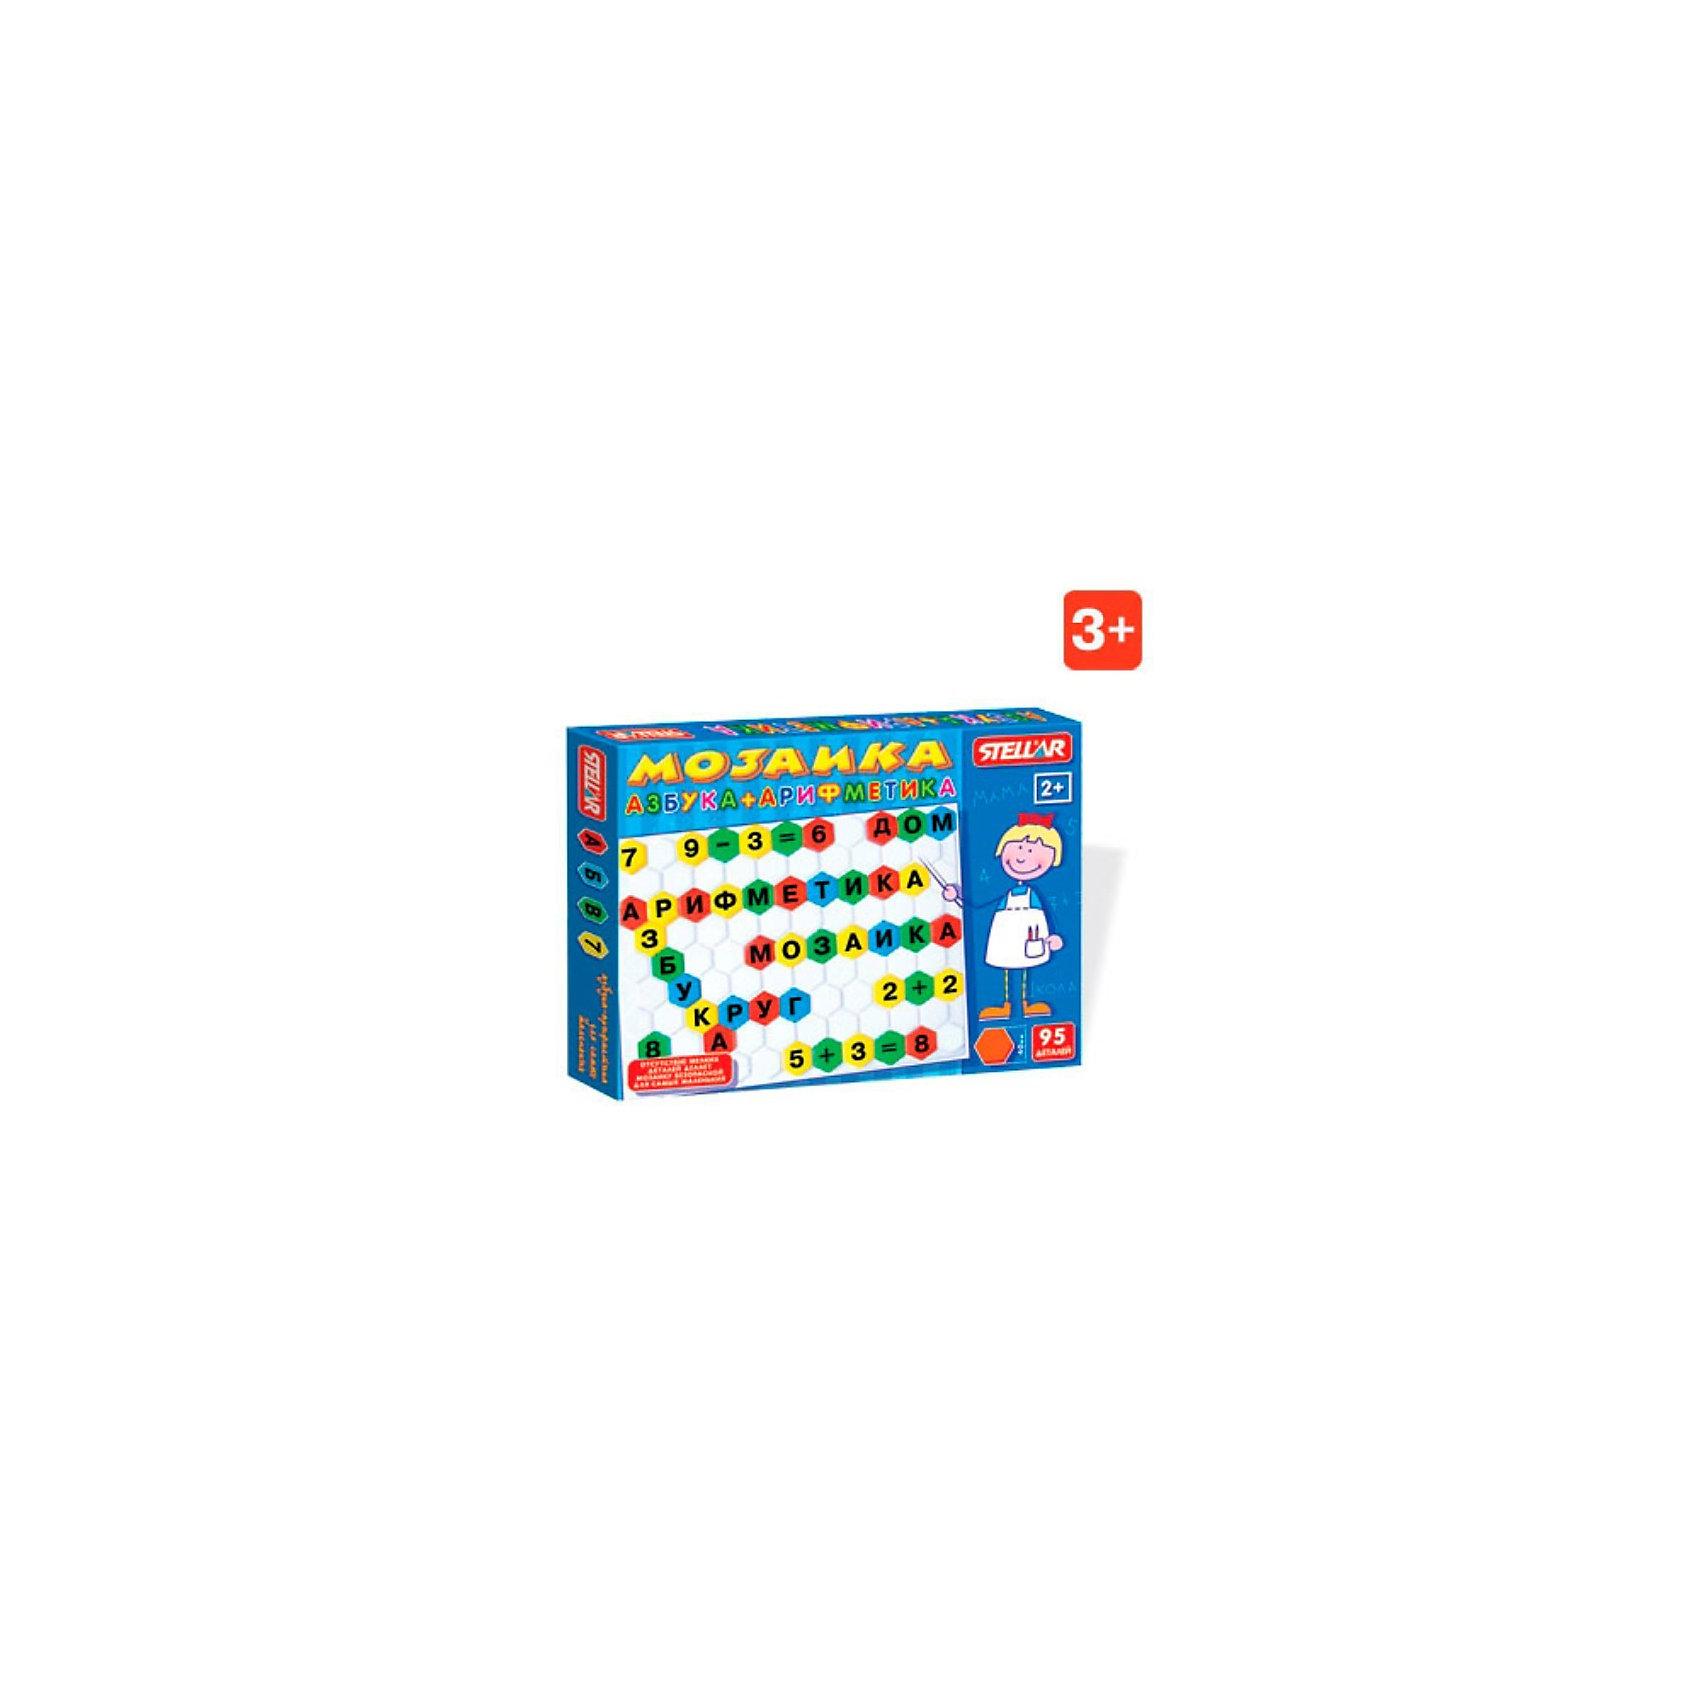 Мозаика Азбука-арифметика, СтелларМозаика Азбука-арифметика, Стеллар (Stellar) — пособие для знакомства с буквами и цифрами. В набор входят 95 разноцветных фишек-шестигранников с буквами, цифрами и математическими знаками и поле-планшет для складывание мозаики. Фишки мозаики крупные, шириной около 4 см, при этом фишки не имеют штырьков-ножек (т.е. острых деталей) и это делает мозаику безопасной для самых маленьких. Фишки надеваются на выпуклые части планшета. Цвета фишек зеленый, желтый, красный, синий.<br><br>Мозаика «Азбука-Арифметика» способствует развитию памяти, мышления, речи, логики, умения концентрировать внимание. <br><br>Мозаика Азбука-Арифметика станет прекрасным подарком малышу!<br><br>Дополнительная информация:<br><br>- В комплекте: 95 фишек <br>- Материал: пластмасса<br>- Размер фишки 40 мм.<br>- Размер поля: 470 х350 мм<br>- Размер упаковки: 375 х 495 х 40 мм<br>- Вес: 690 г.<br><br>Мозаику Азбука-арифметика, Стеллар (Stellar) можно купить в нашем интернет-магазине.<br><br>Ширина мм: 375<br>Глубина мм: 495<br>Высота мм: 40<br>Вес г: 690<br>Возраст от месяцев: 36<br>Возраст до месяцев: 1188<br>Пол: Унисекс<br>Возраст: Детский<br>SKU: 2407082